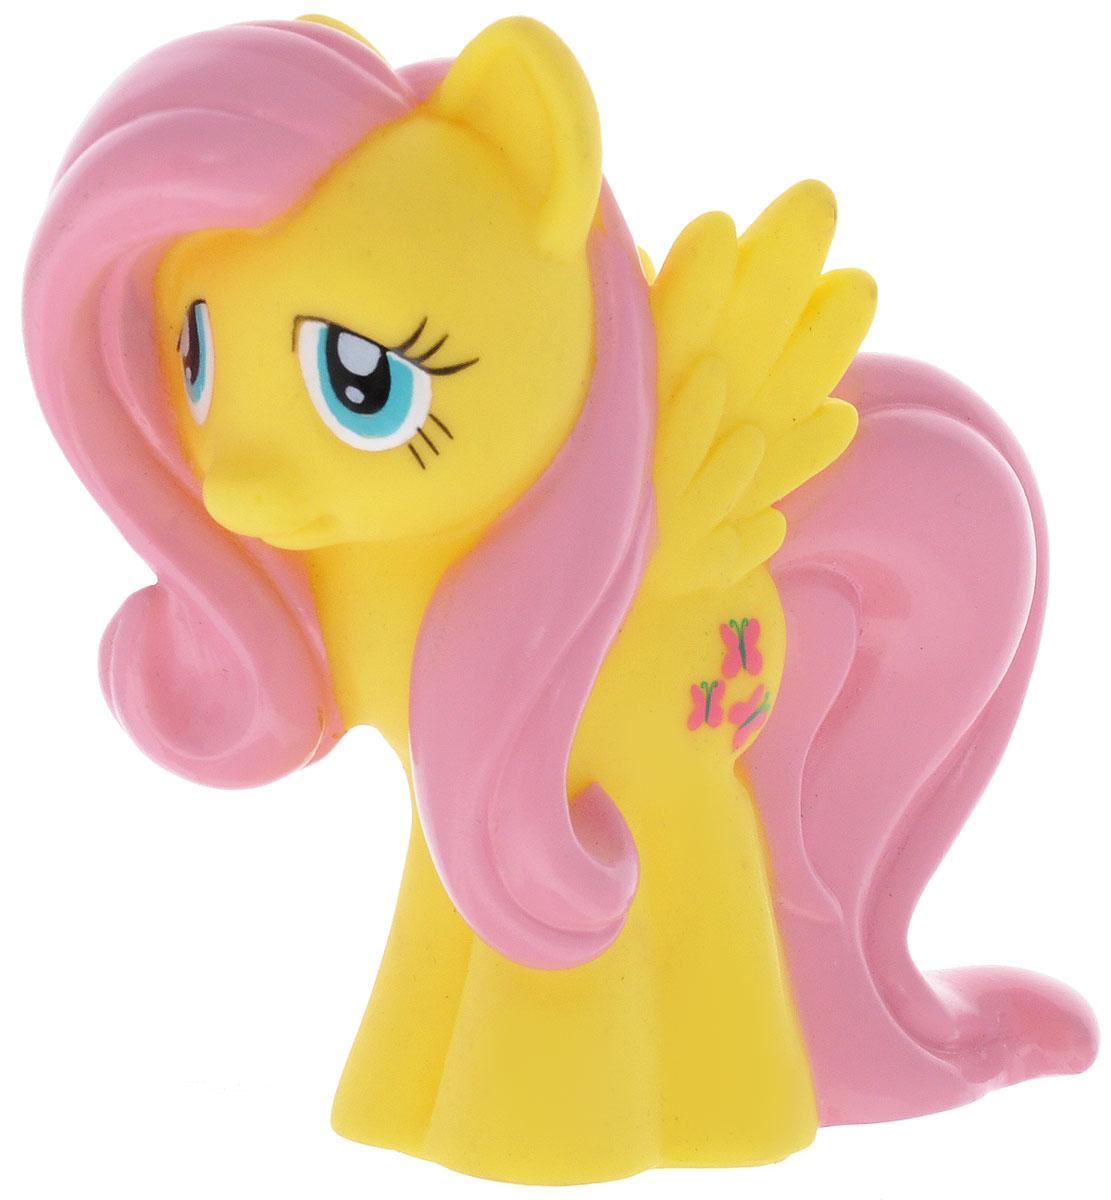 Играем вместе Игрушка для ванной My Little Pony Флаттершай47RUS_желтый, розовыйИгрушка для ванной Играем вместе My Little Pony. Флаттершай способна занять малыша на все время купания. Она изготовлена из высококачественных и безопасных материалов. Игрушка выполнена в виде пони Флаттершай. Игрушка несомненно принесет вашему малышу море позитива, а обычное купание превратит в веселую игру. Игрушка пищит и брызгается водой. С такой игрушкой ребенок может развивать мелкую моторику рук, концентрацию внимания и воображение. Порадуйте свою кроху такой необычной игрушкой!